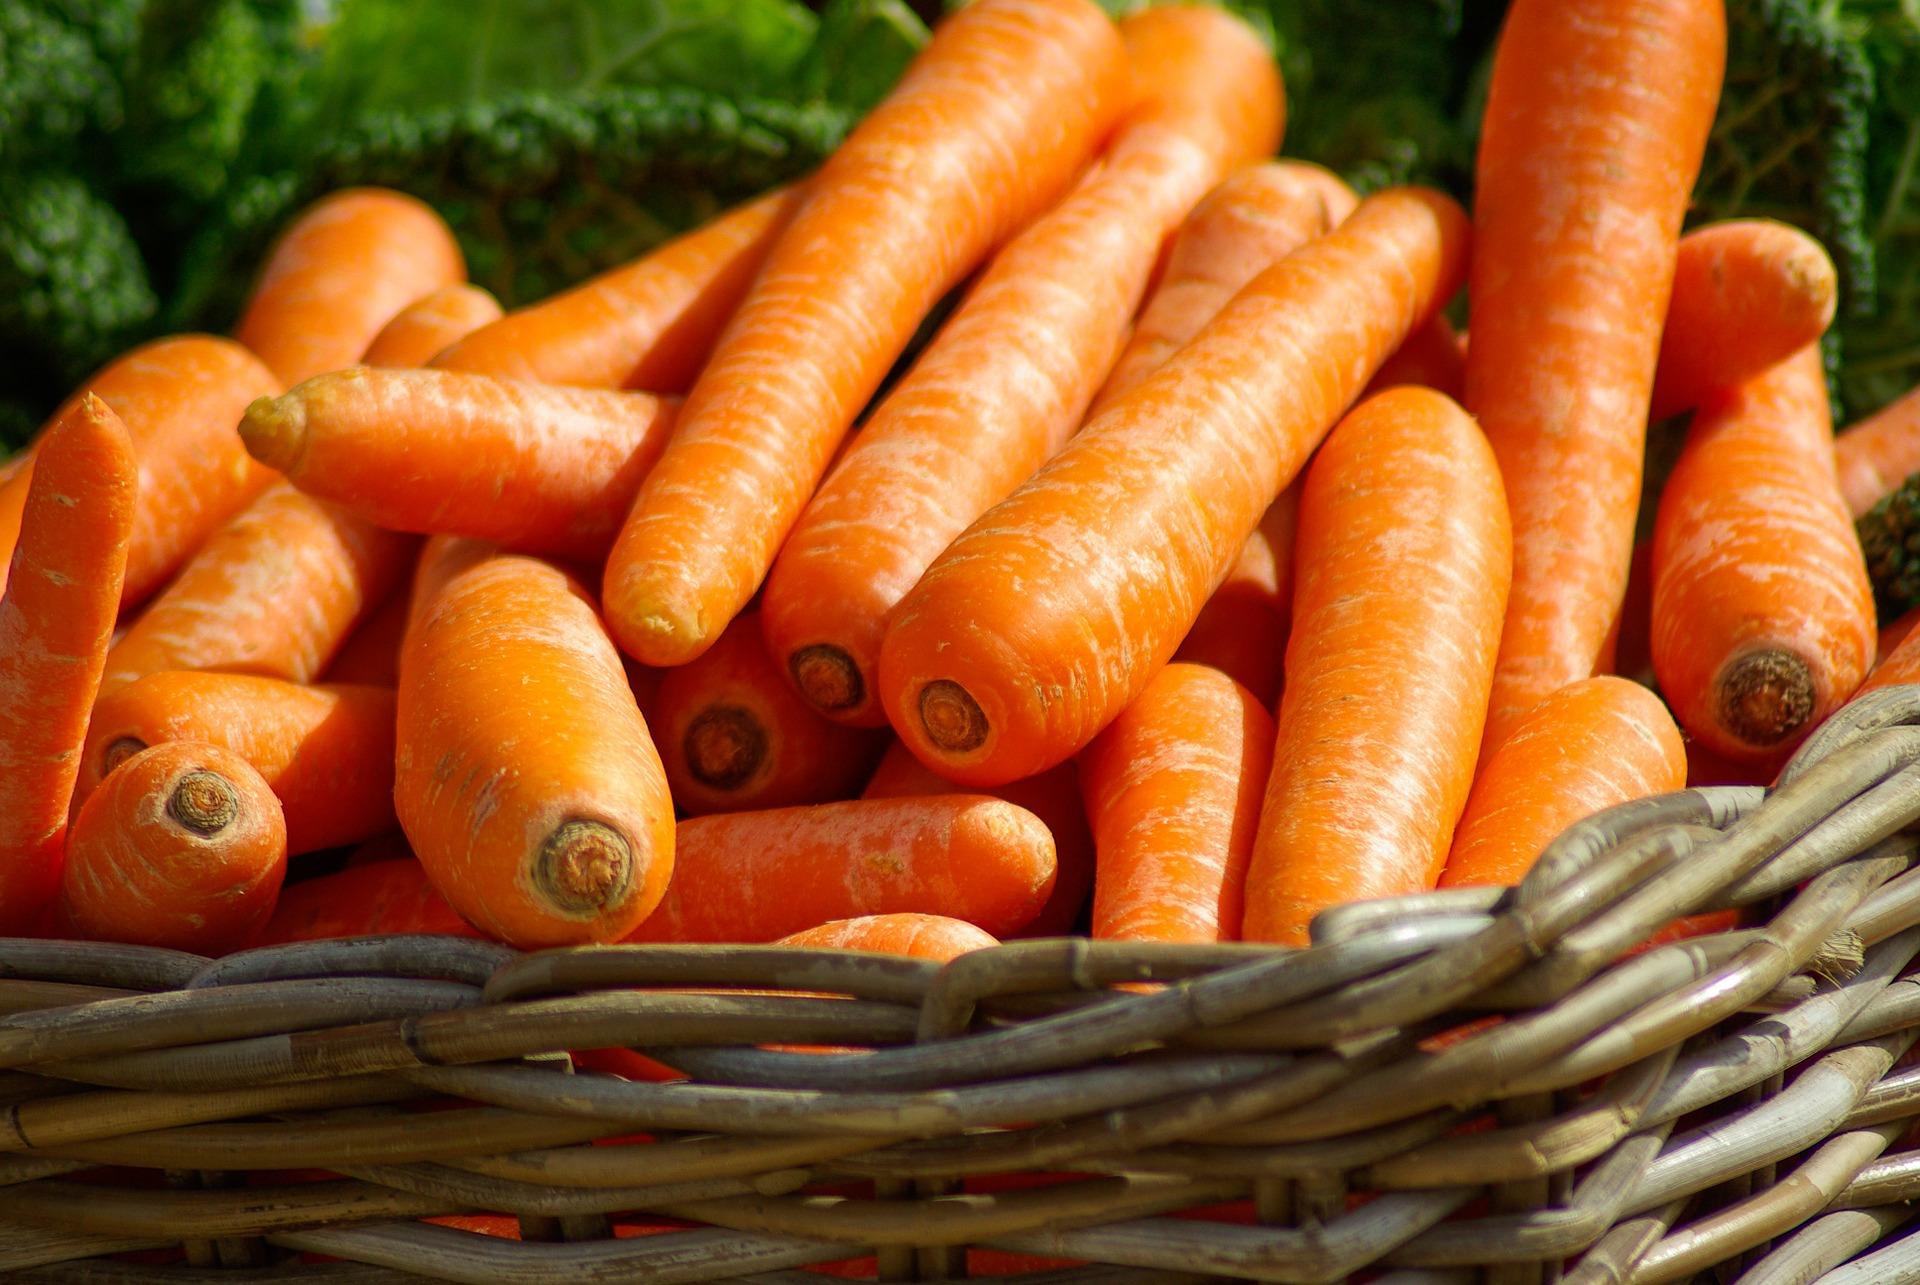 temps de cuisson carottes